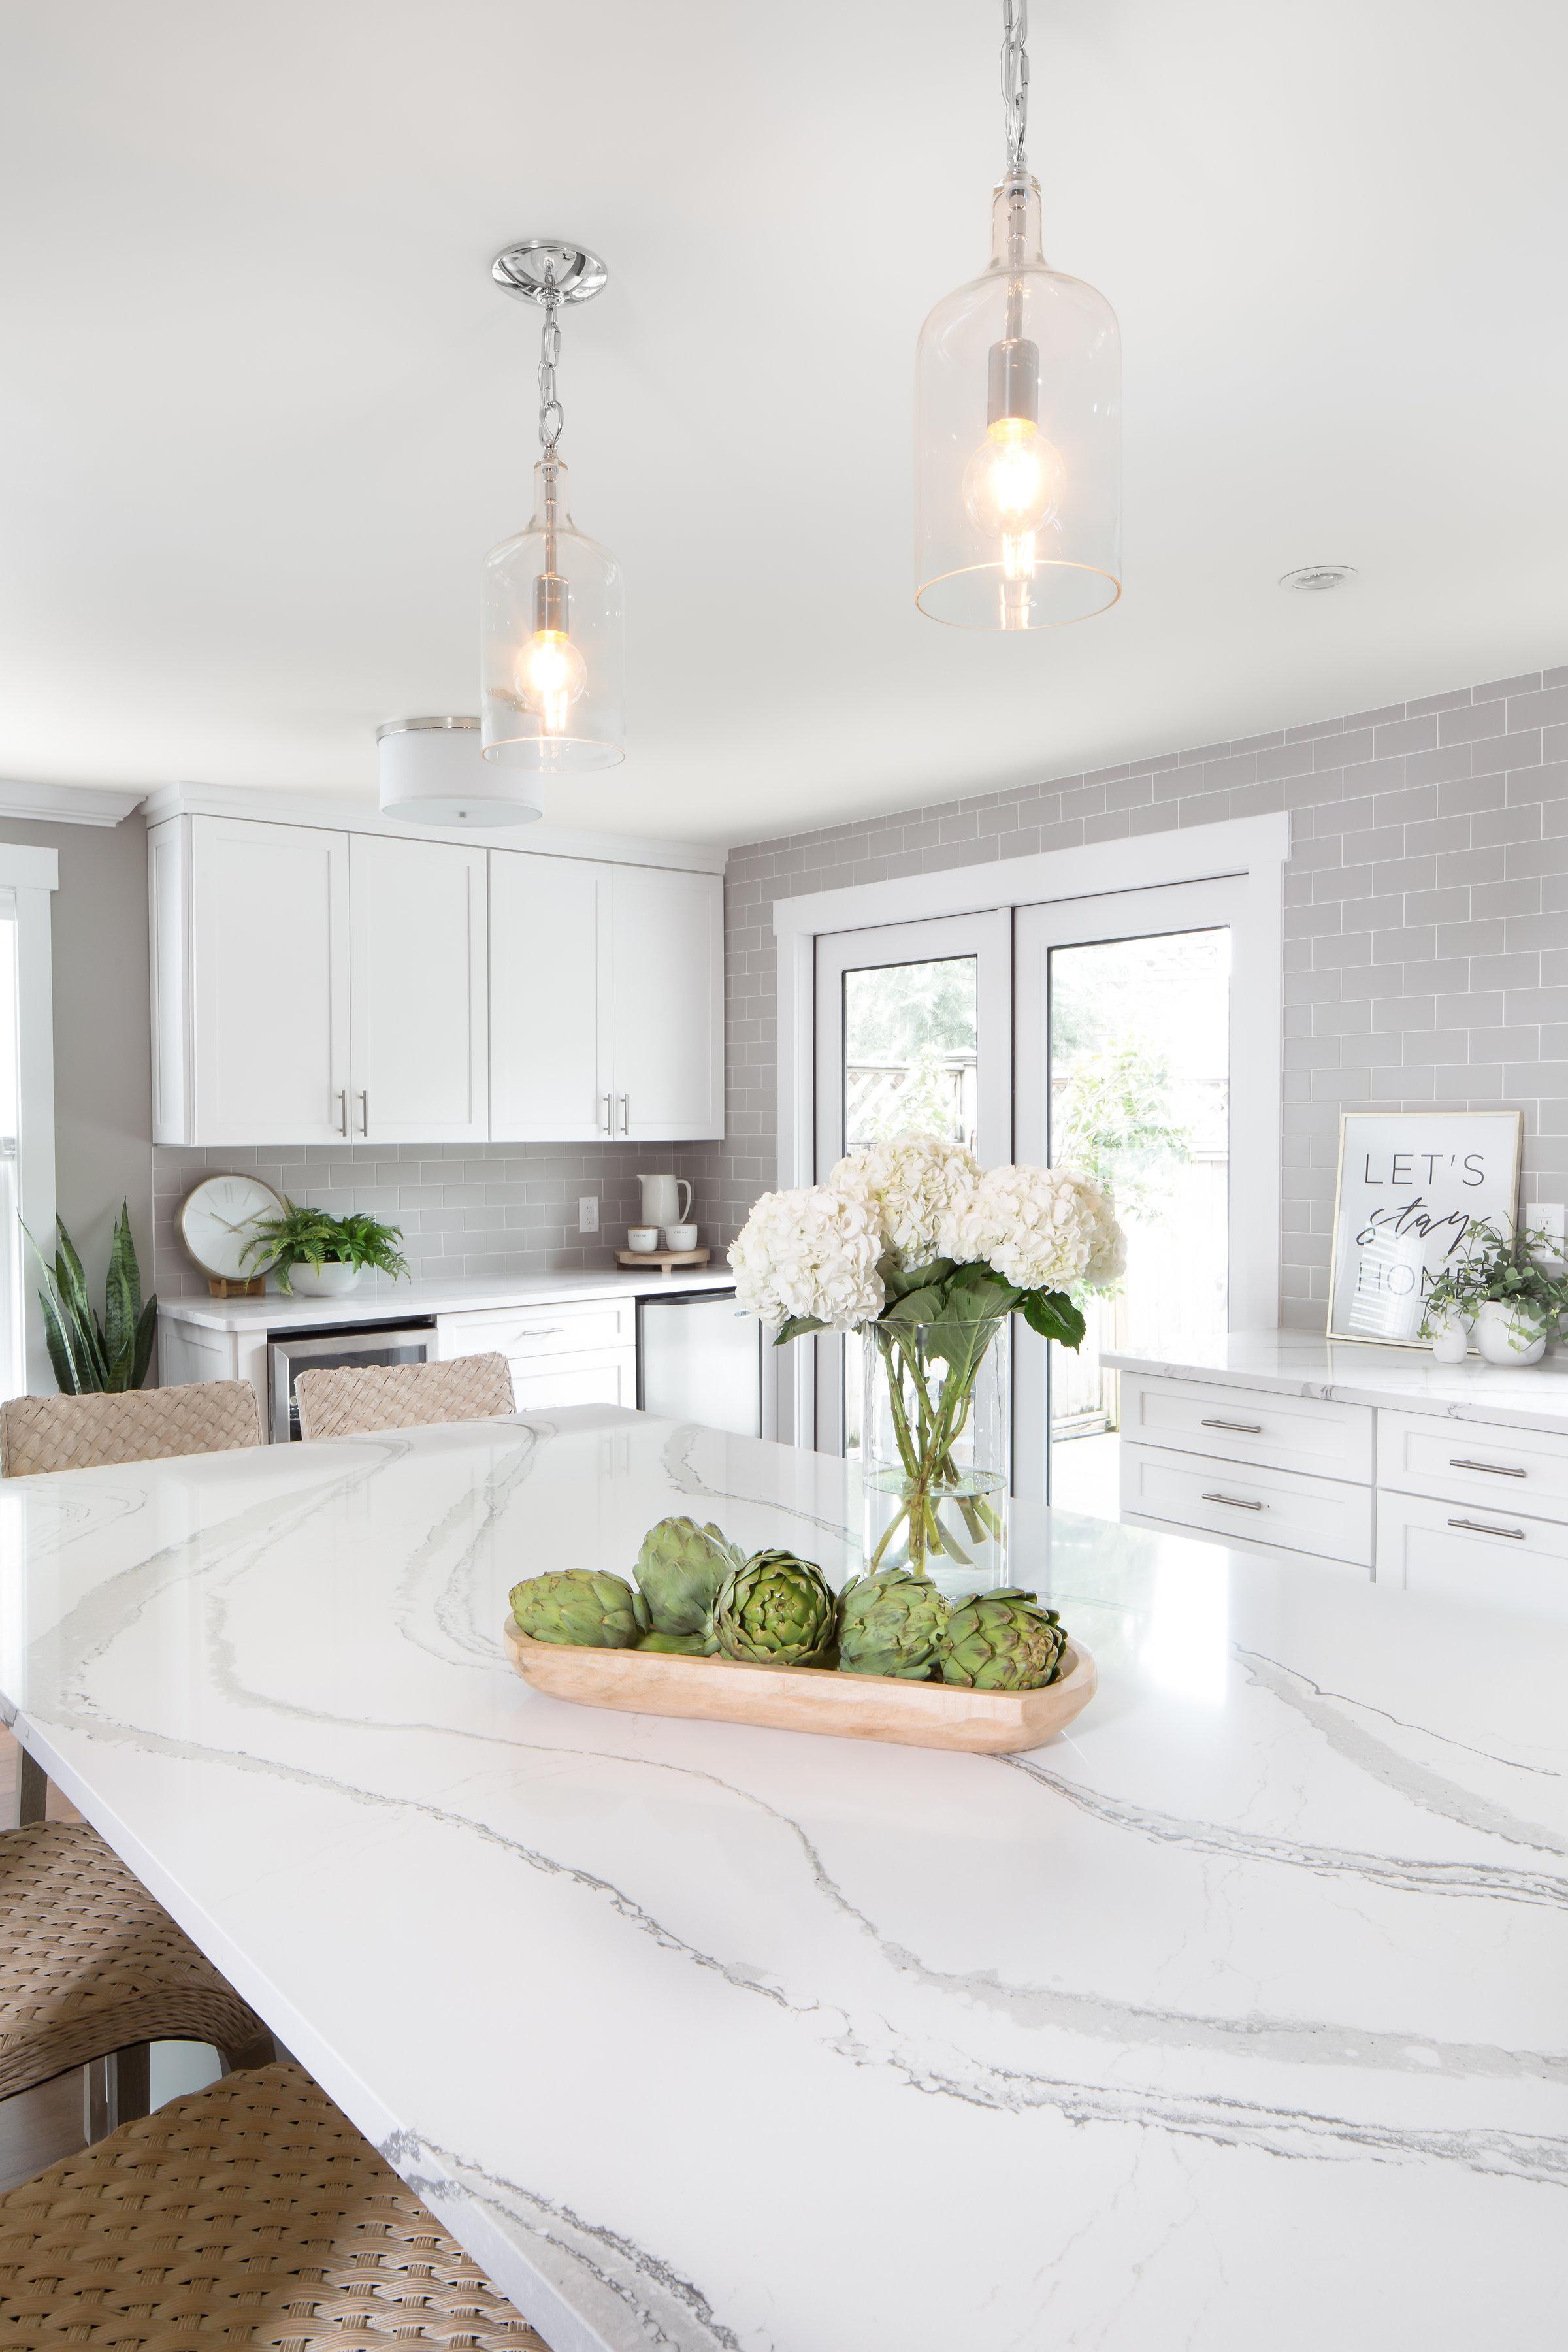 WSDG - Blog | Before&After | Bellevue Kitchen Remodel